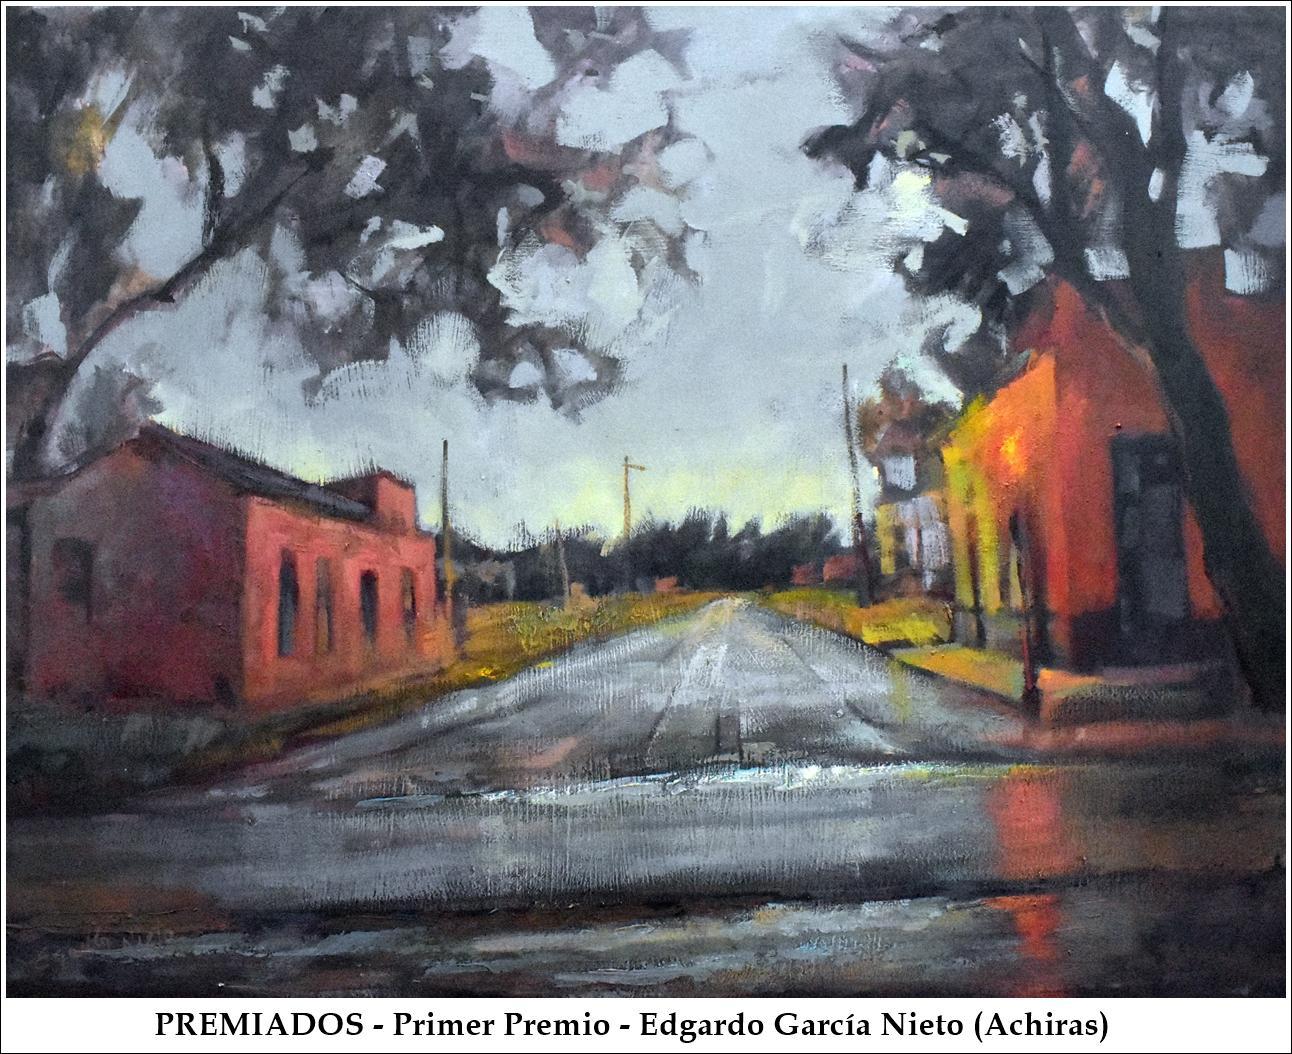 Premiados-PrimerPremio - EdgardoGarcìaNieto